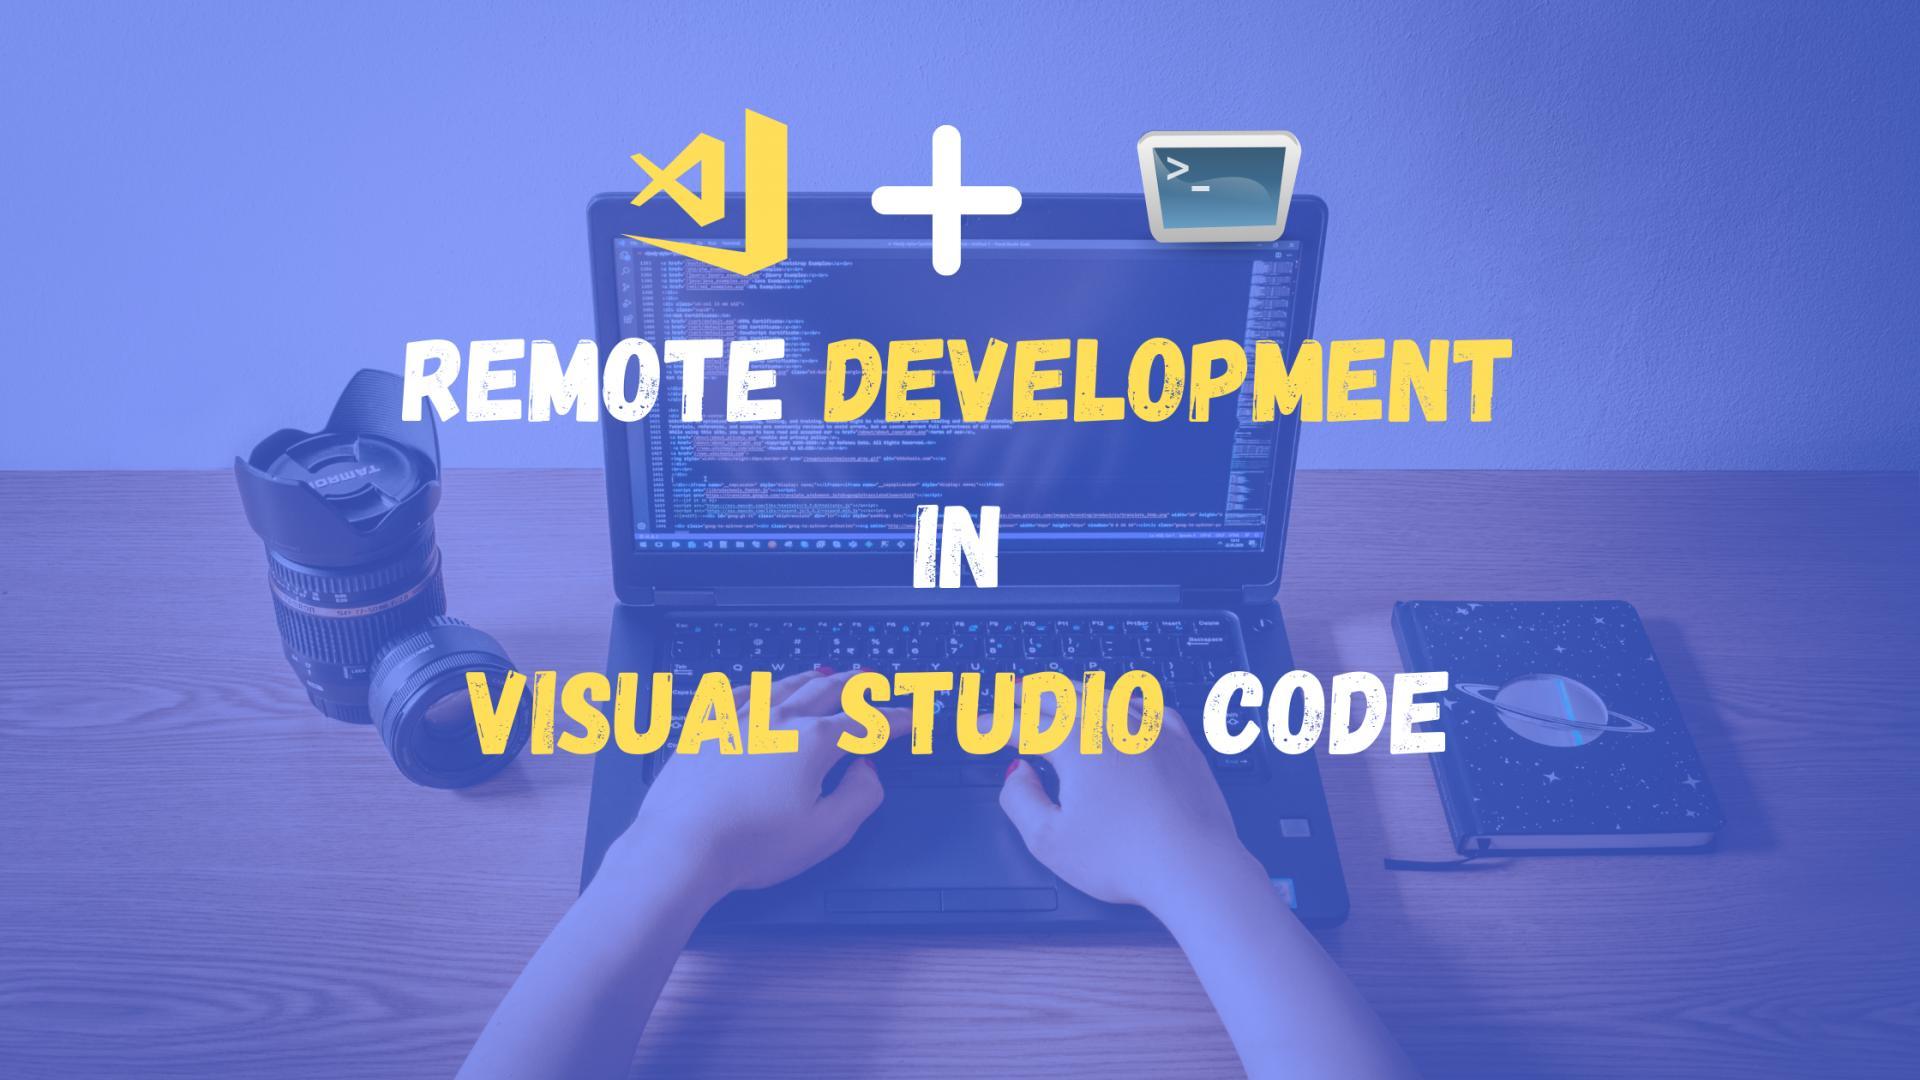 Remote Development in Visual Studio Code